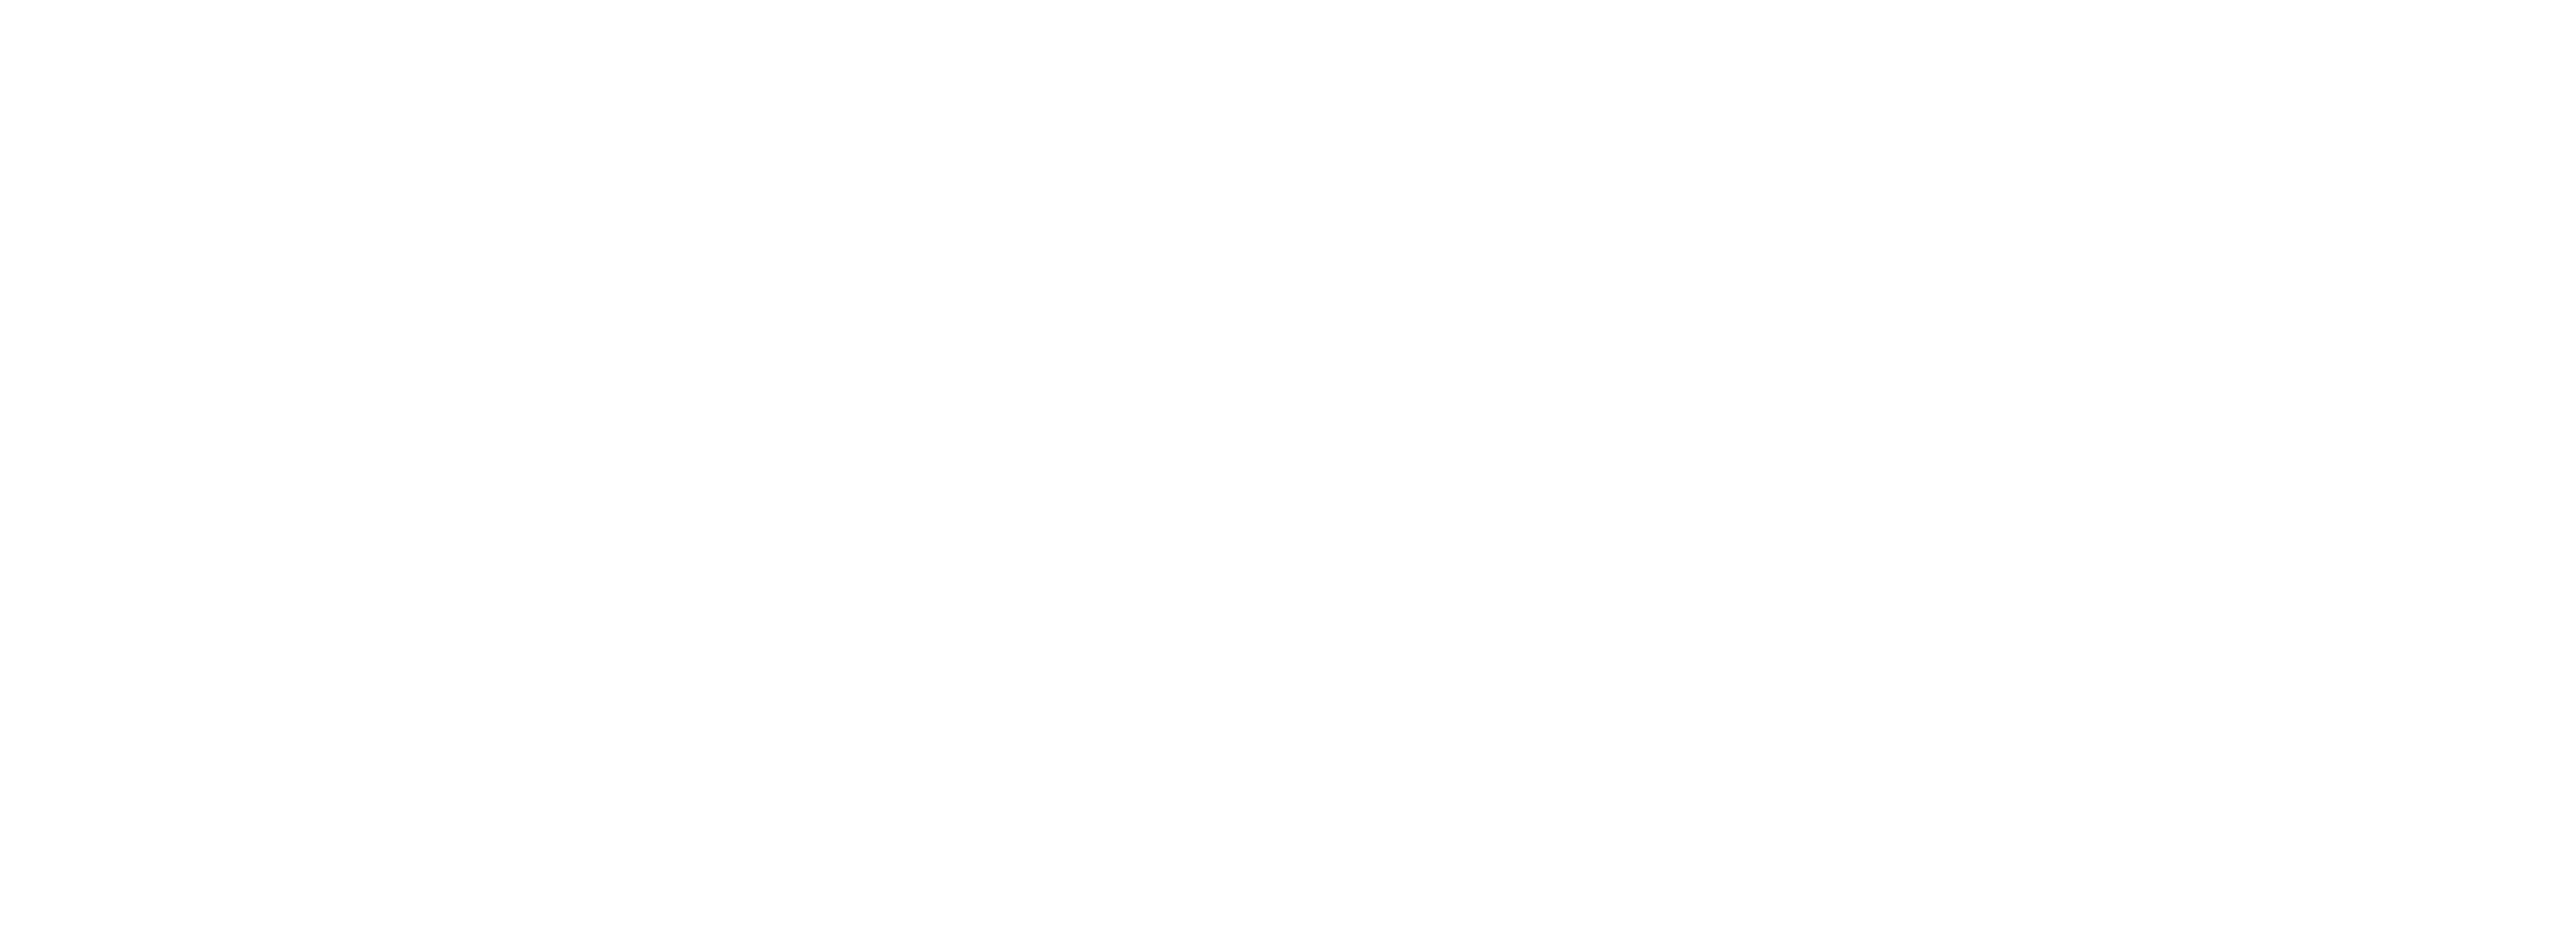 schoch_baukeramik_logo